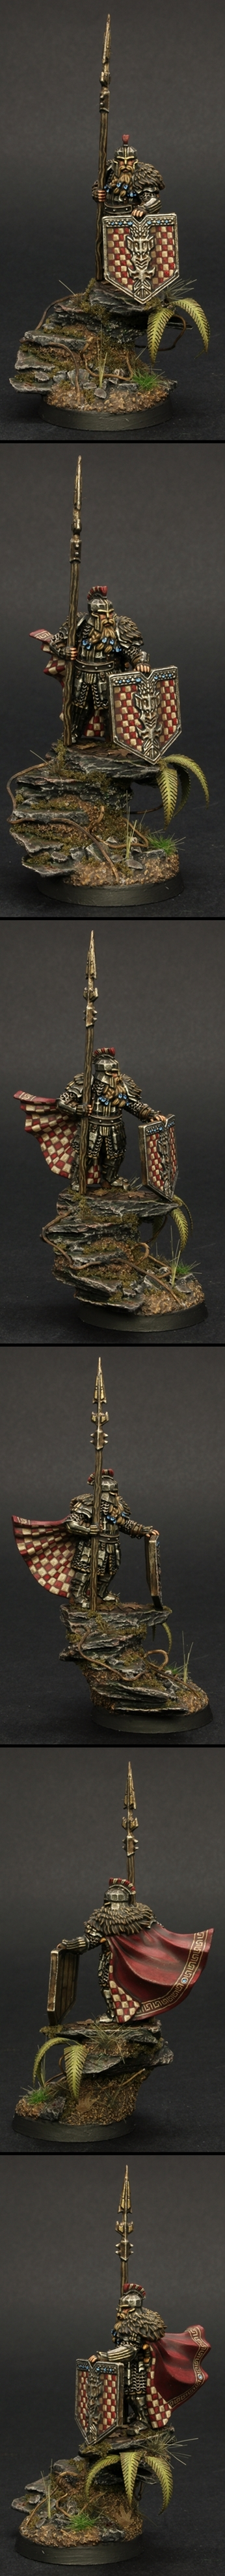 Iron Hills Captain Golden Demon UK BRONZE